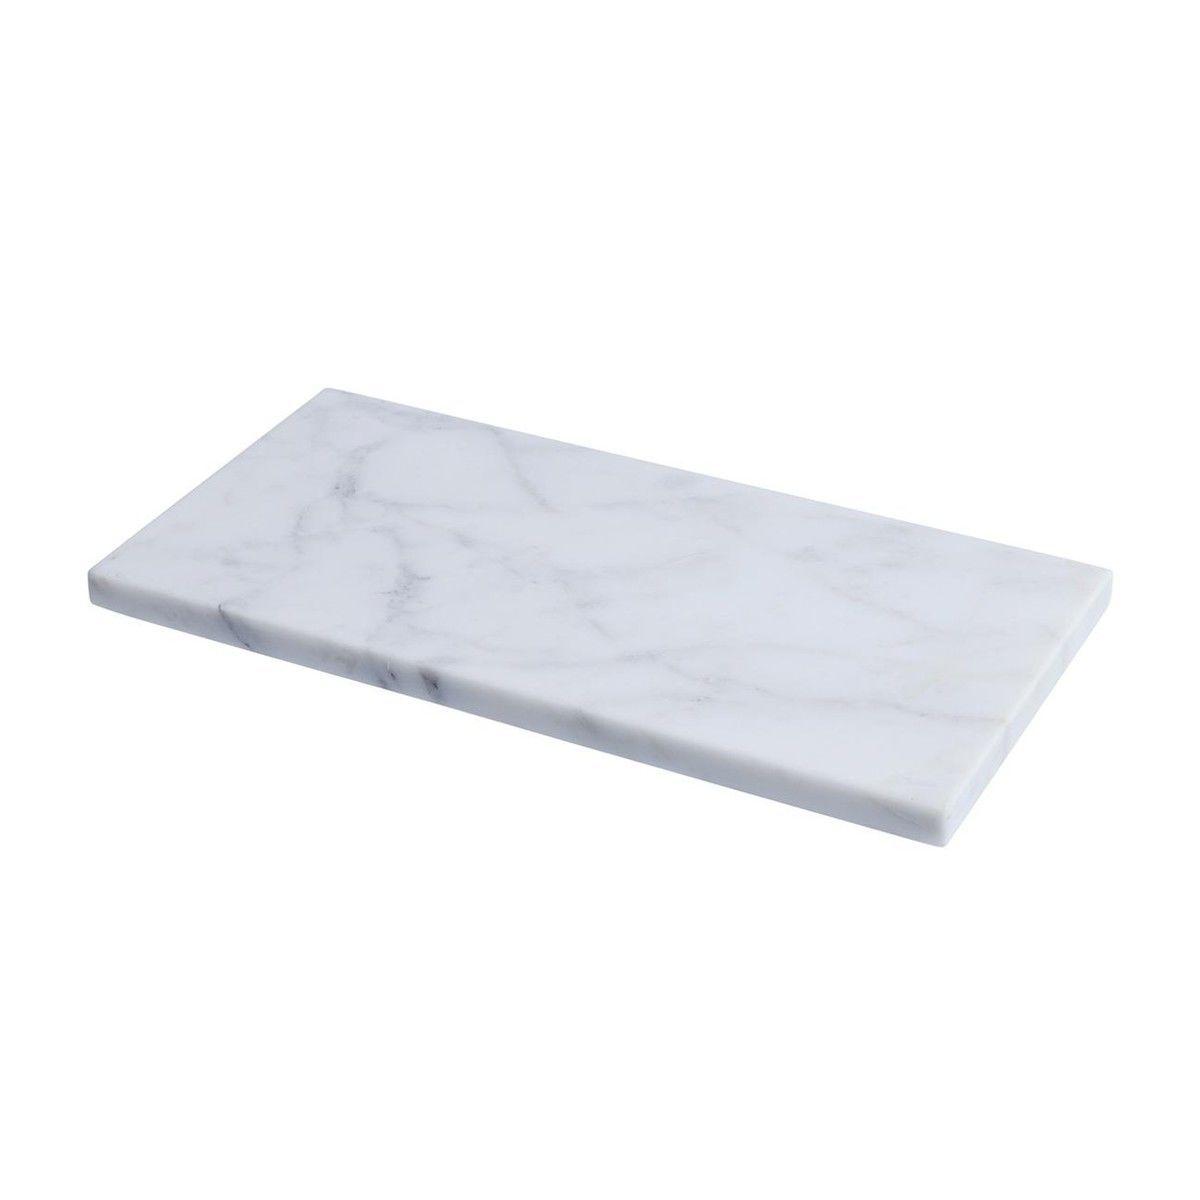 Chop chop planche d couper marbre hay for Planche a decouper marbre